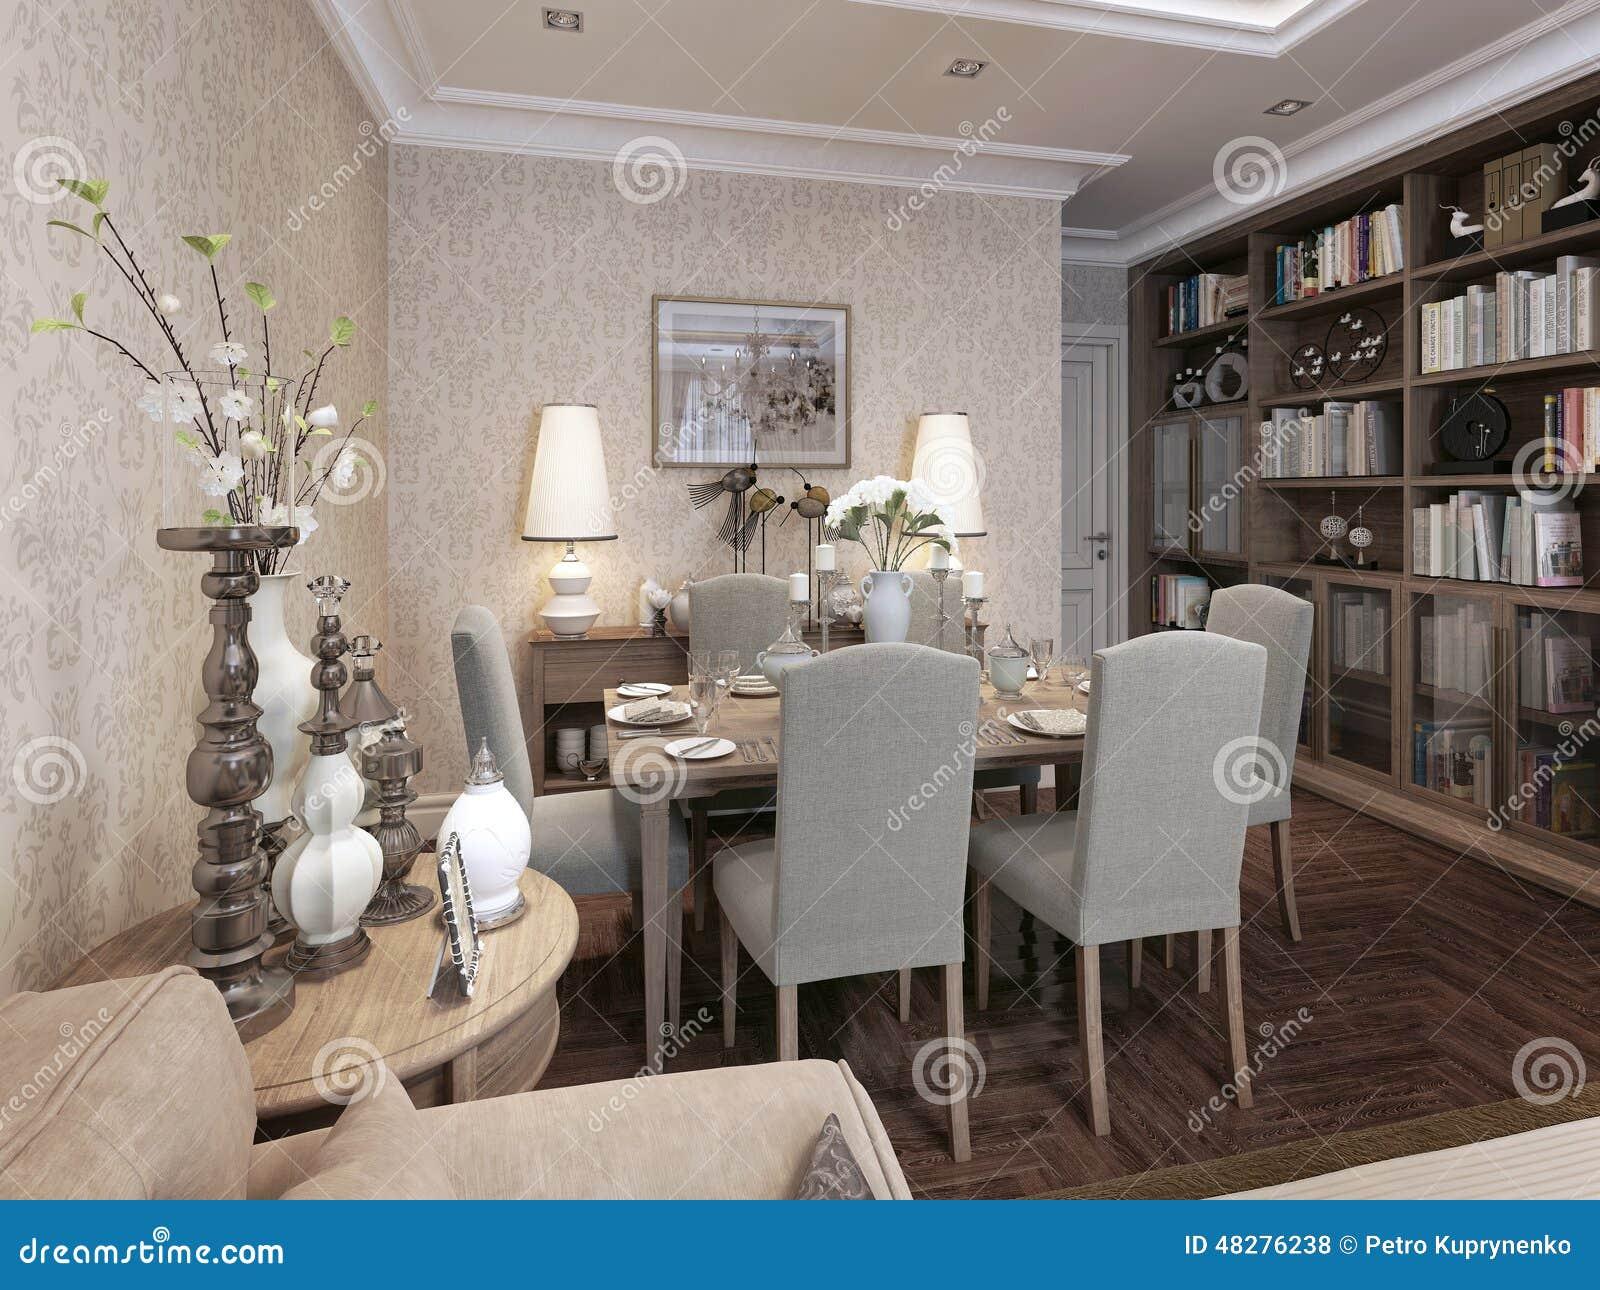 stile moderno della sala da pranzo illustrazione di stock